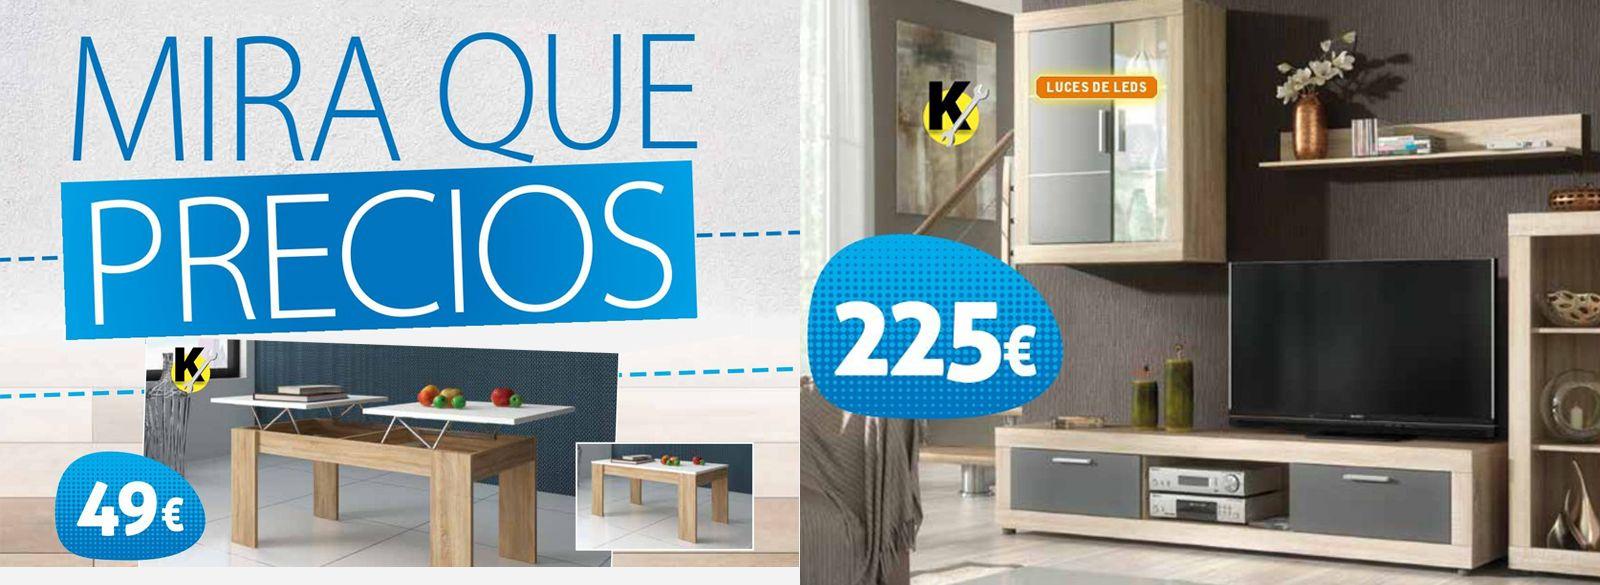 Mira que precios: Servicios de Muebles Vilu